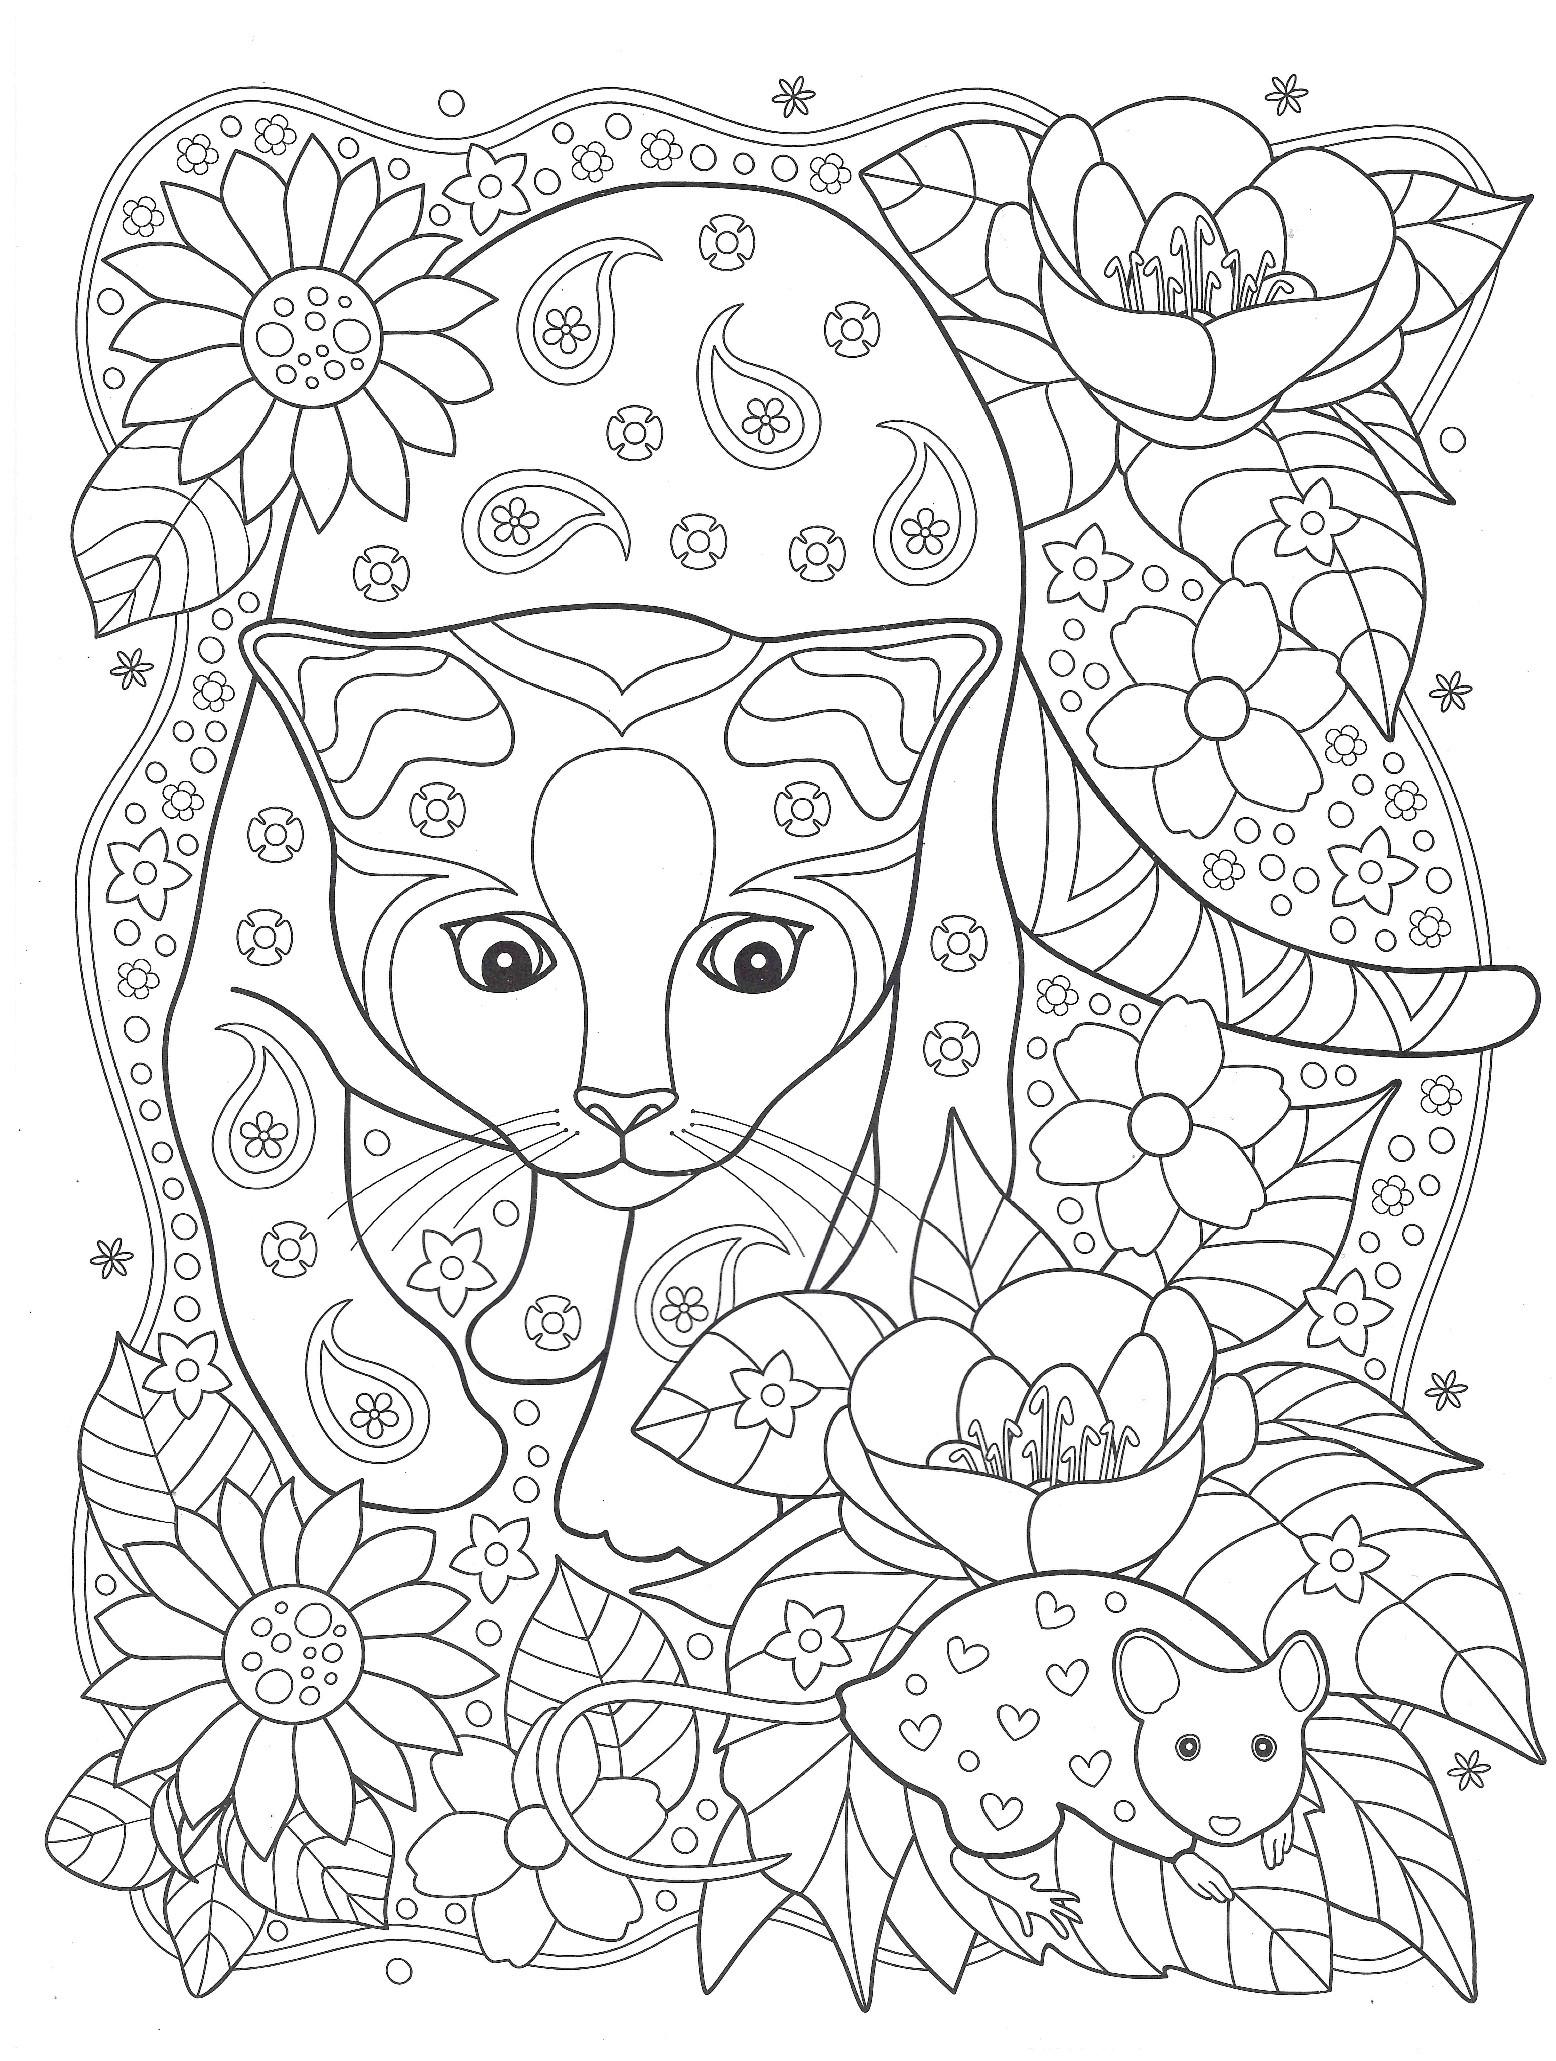 кошка и мышка животные раскраски антистресс